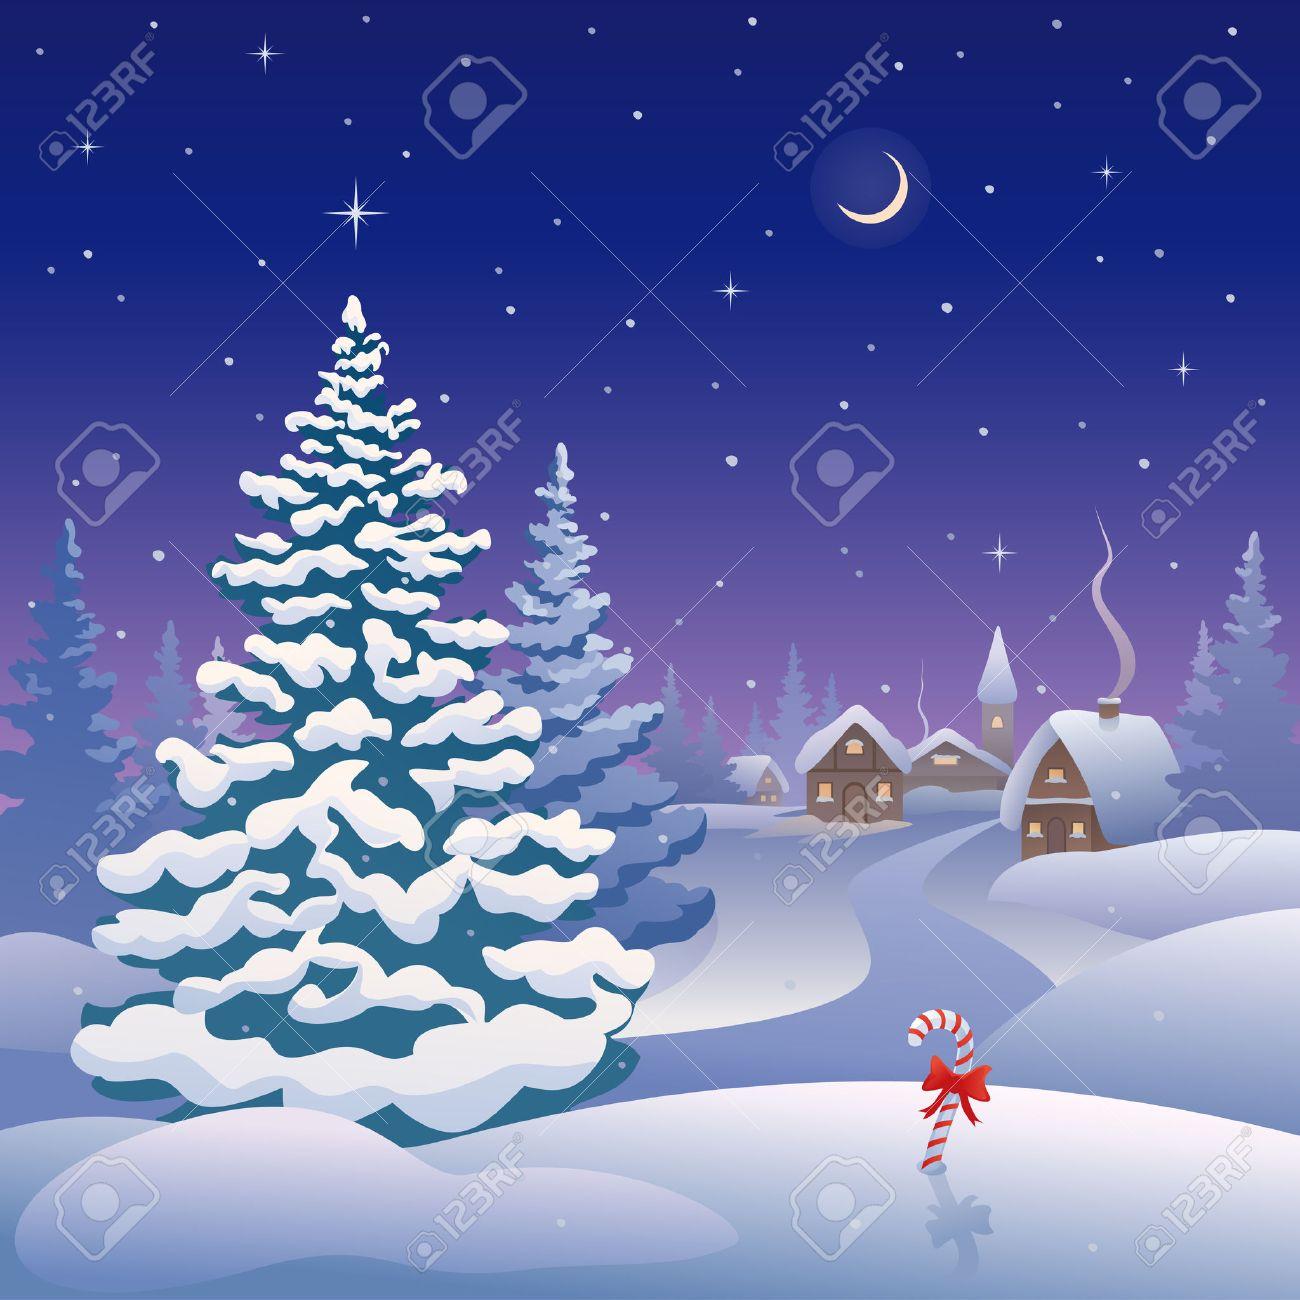 pino nevado vector de la tarjeta de navidad con un pueblo nevado